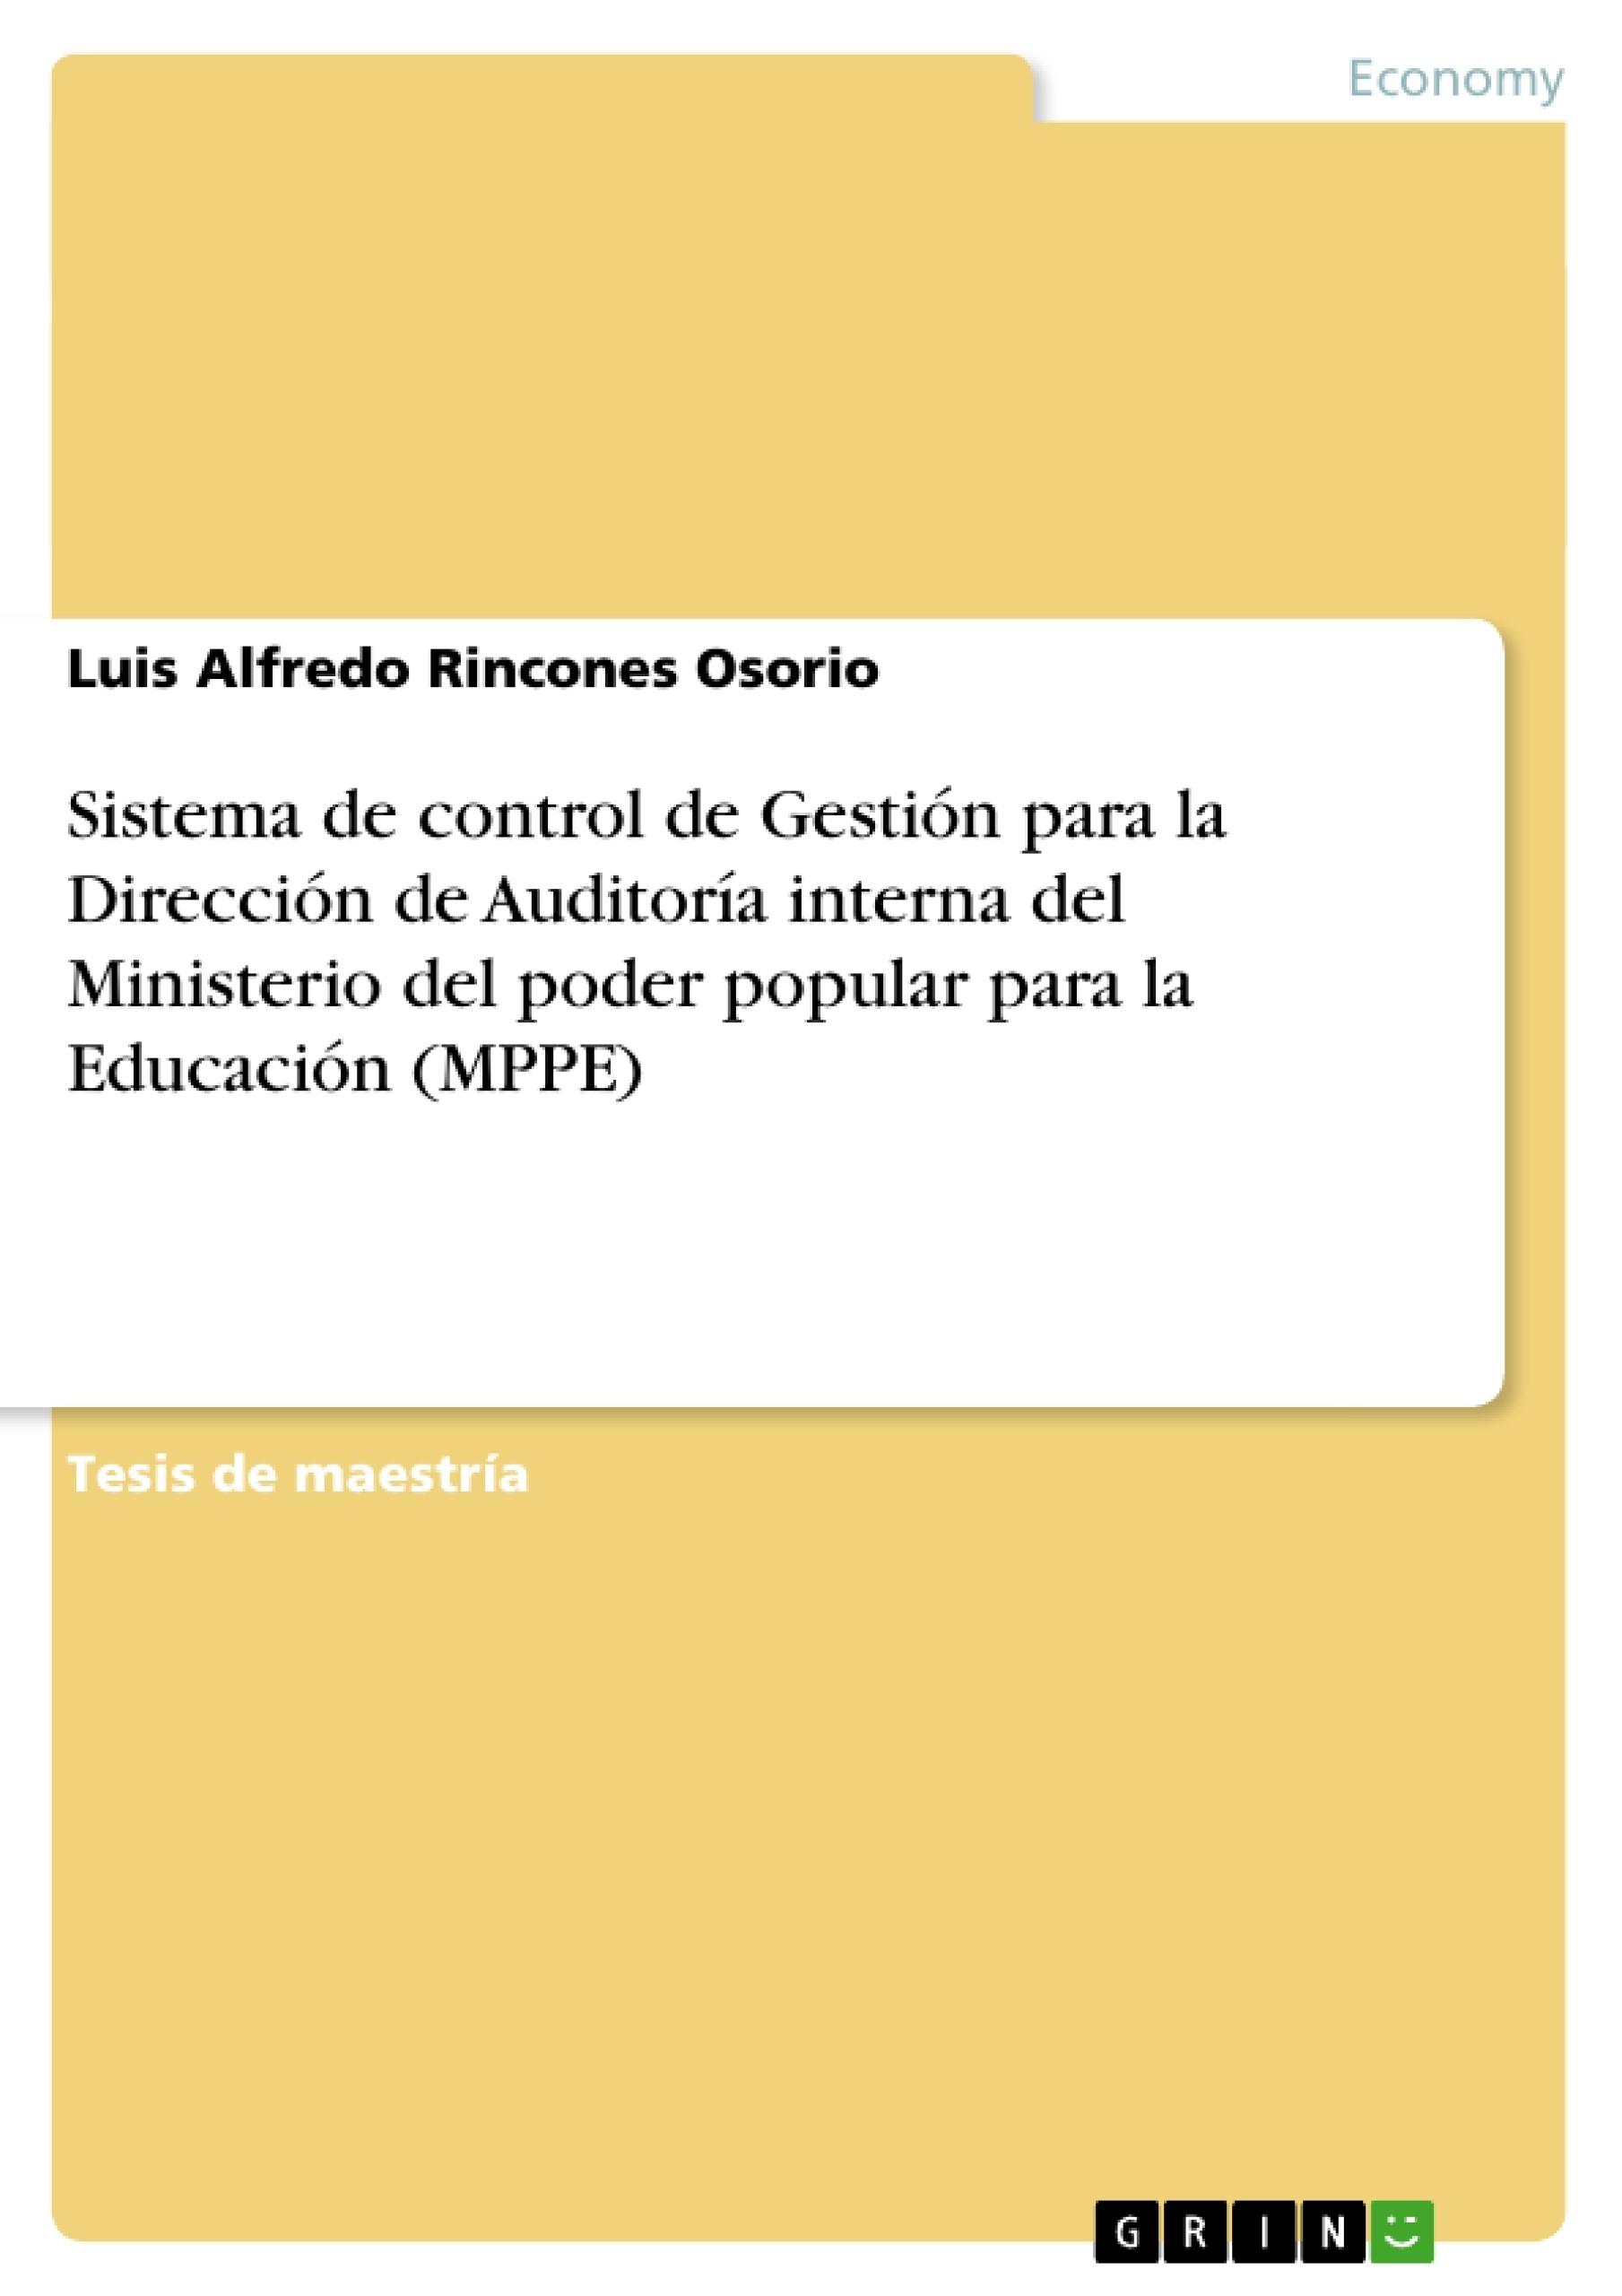 Título: Sistema de control de Gestión para la Dirección de Auditoría interna del Ministerio del poder popular para la Educación (MPPE)